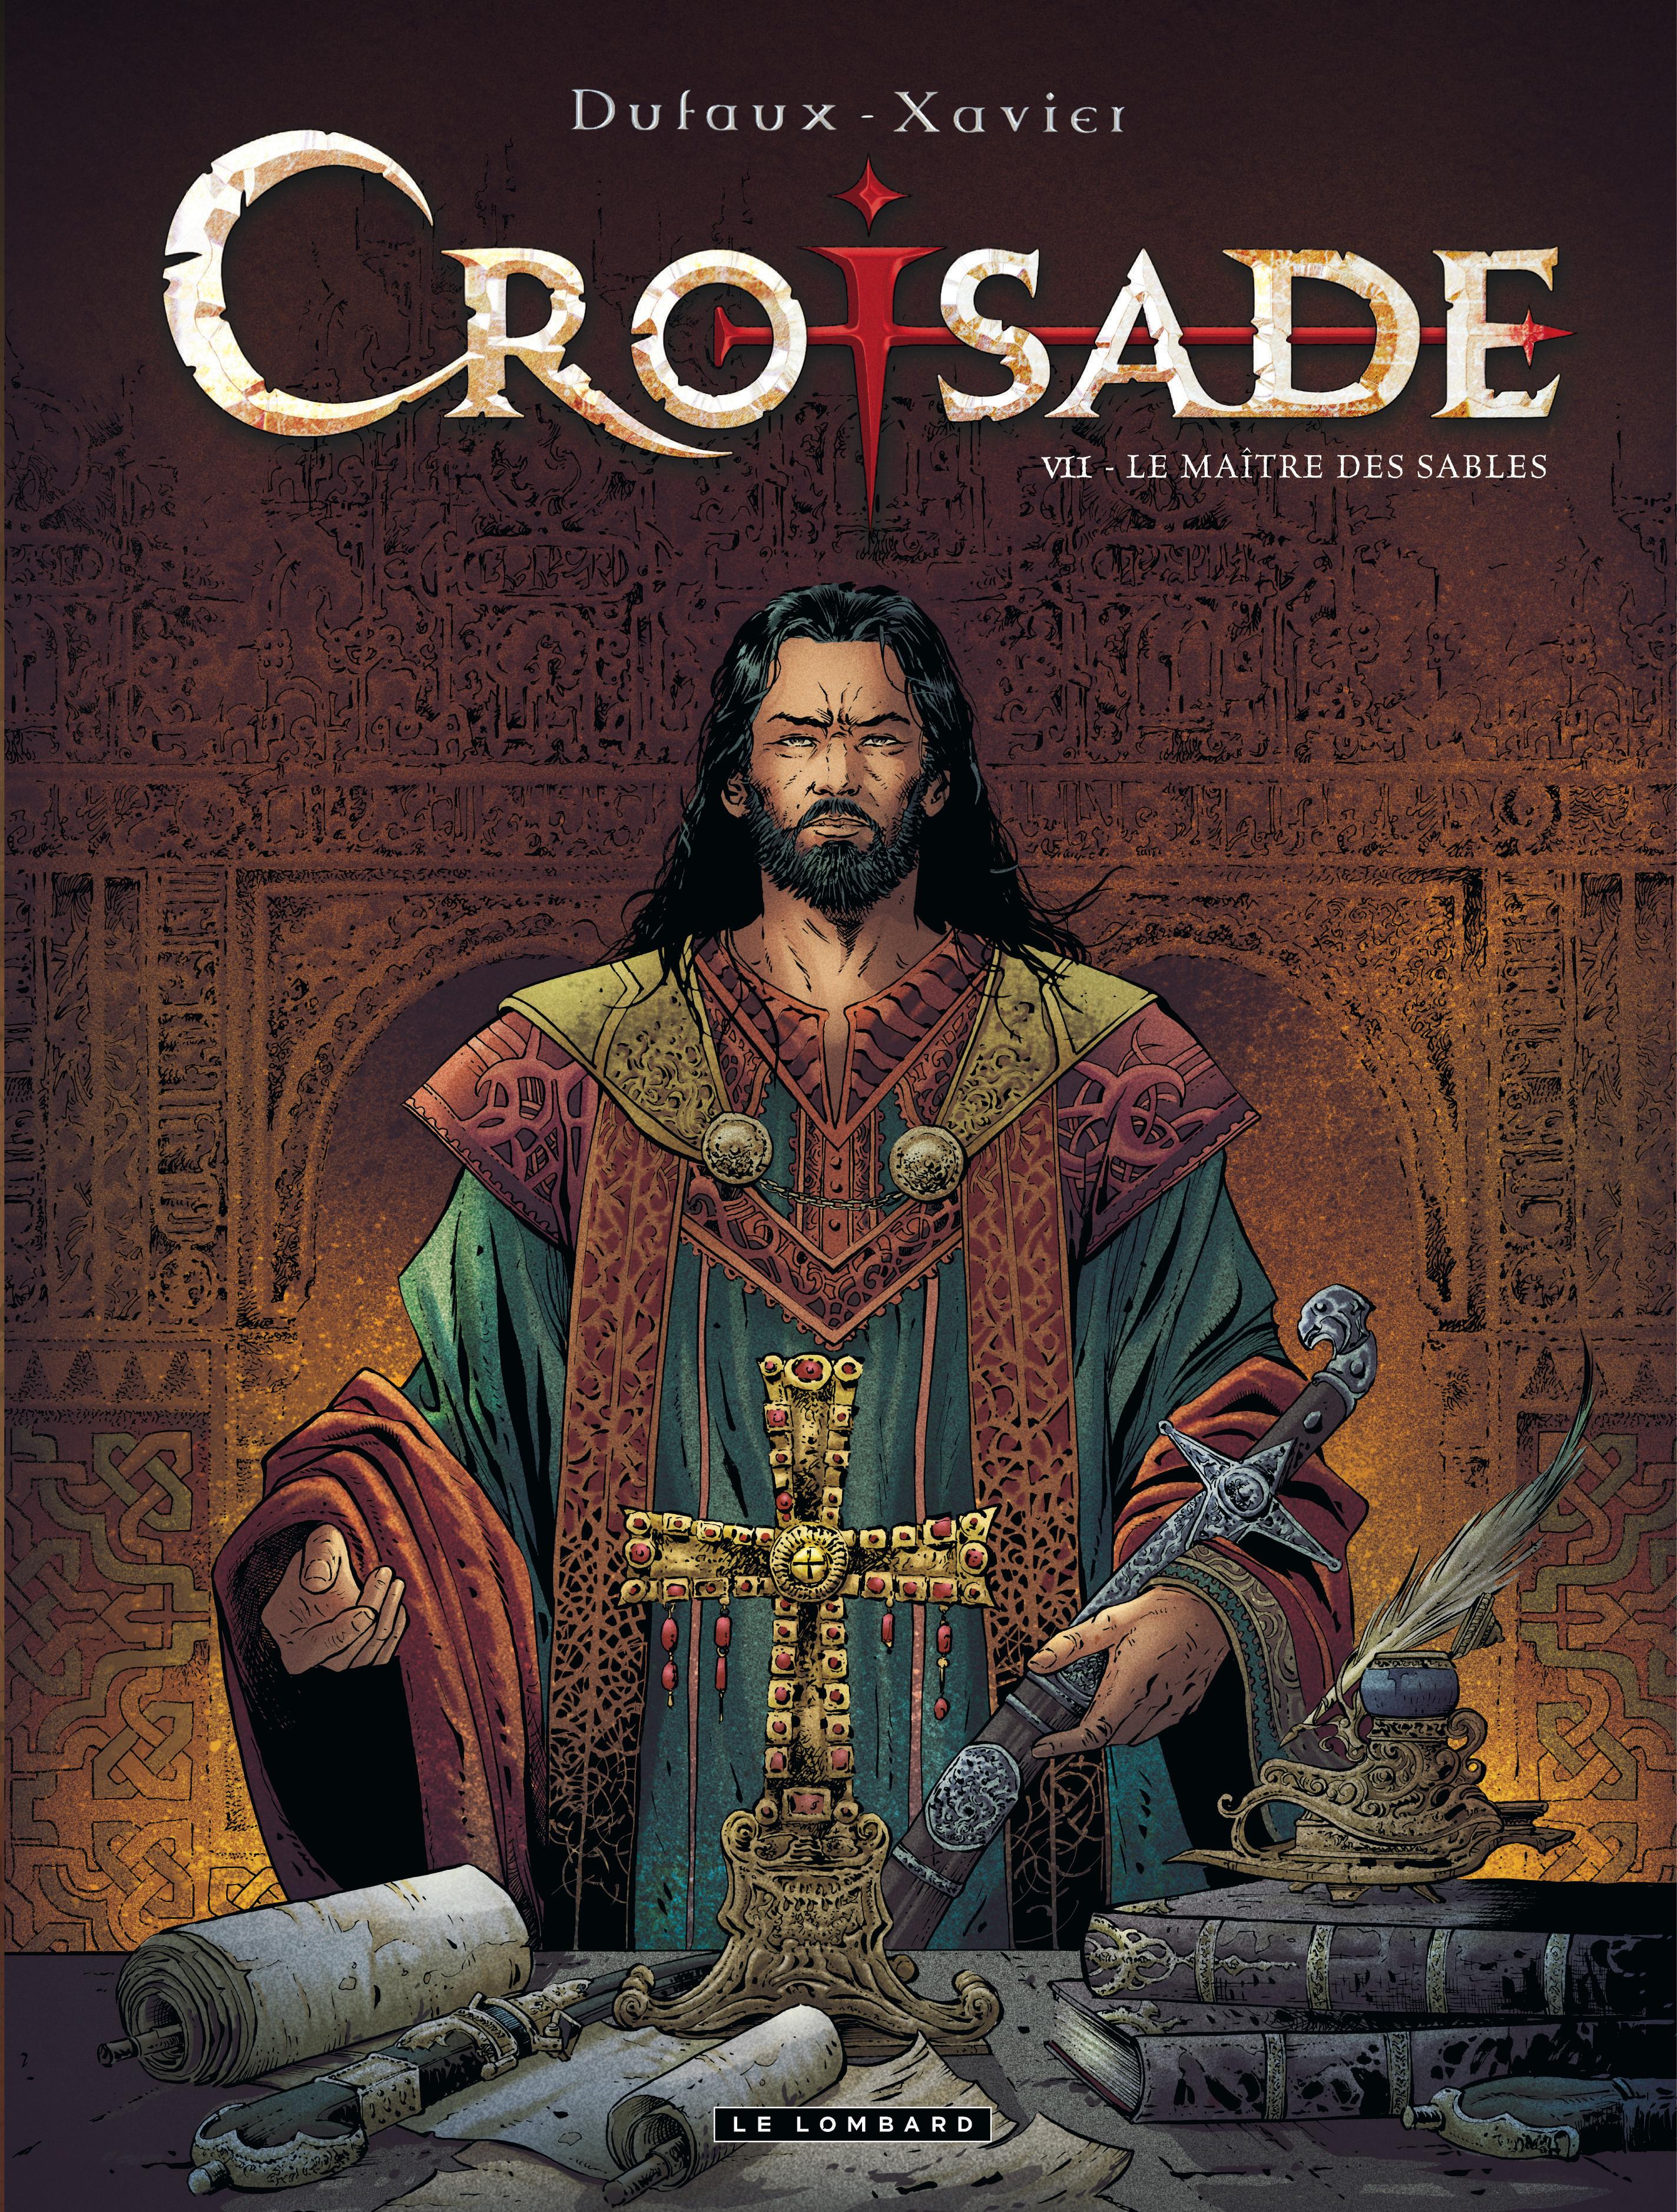 CROISADE - TOME 7 - LE MAITRE DES SABLES